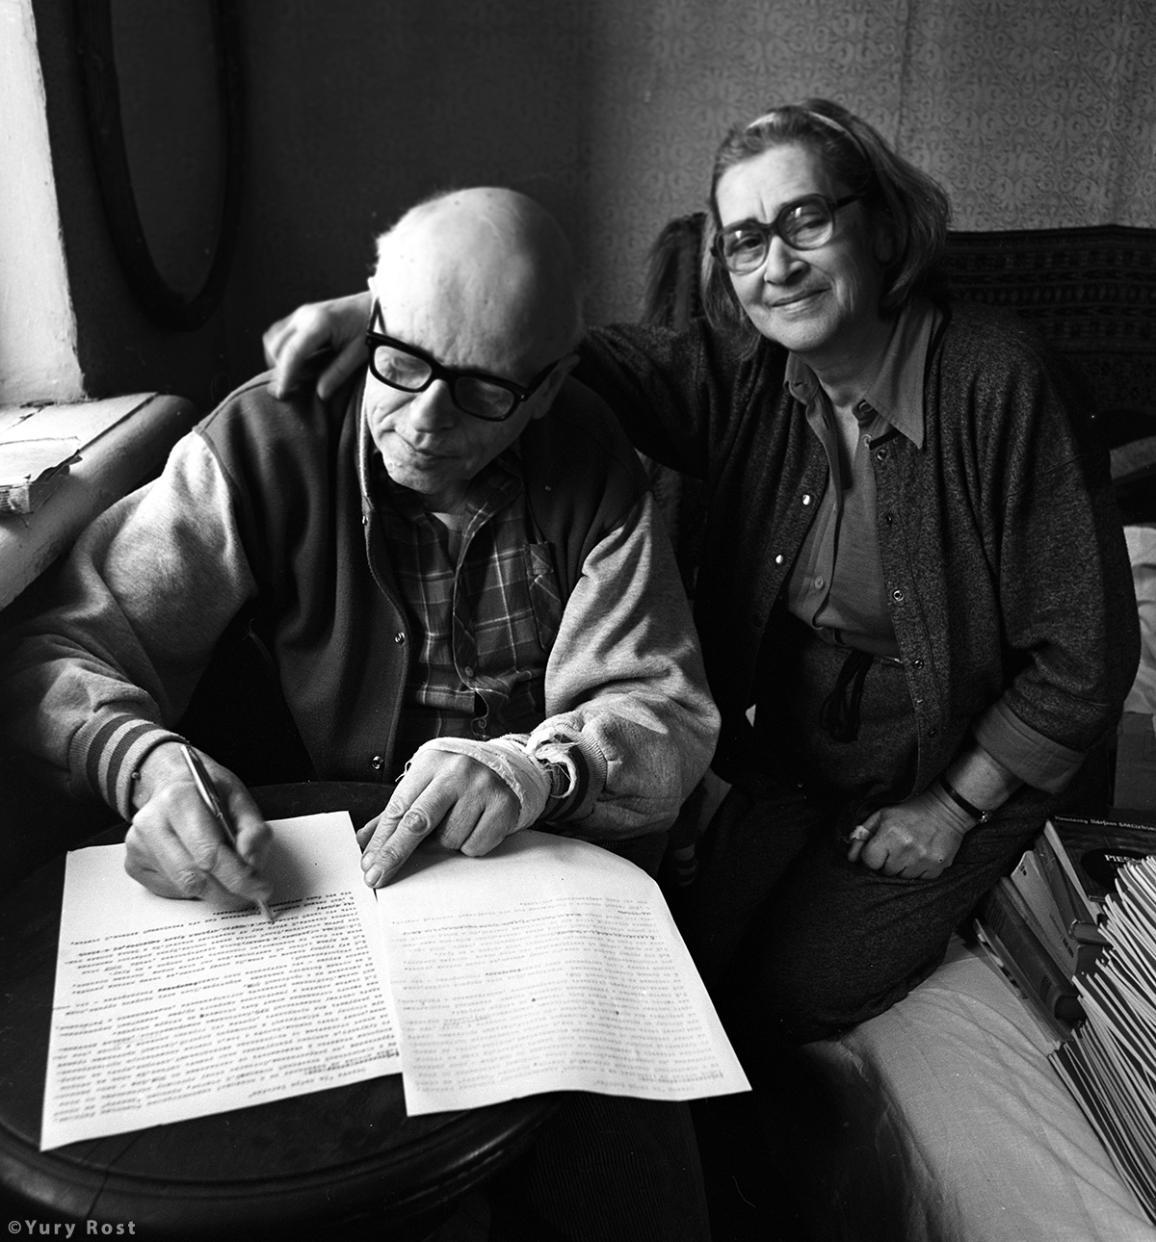 O Andrei Sacharov και η σύζυγός του Jelena Bonner © Yury Rost.